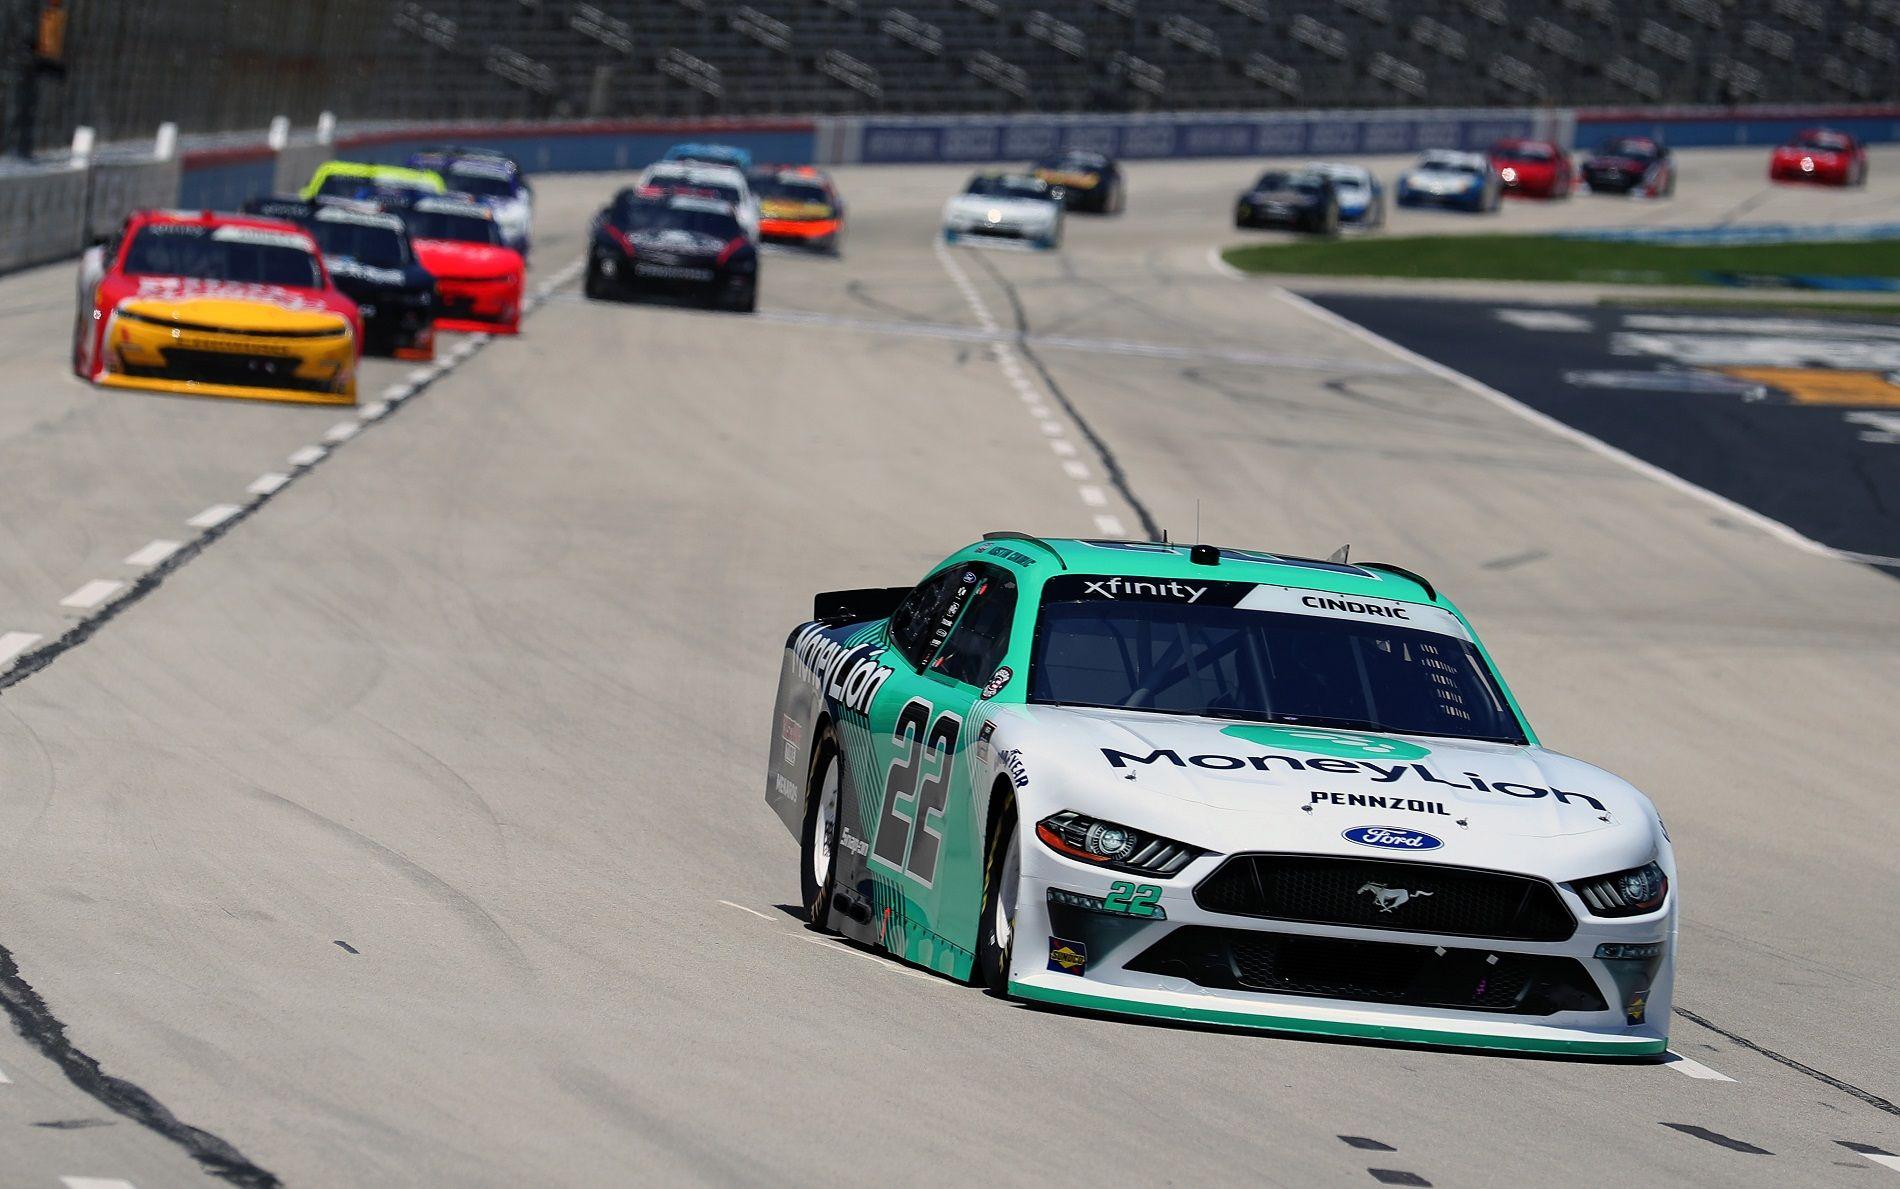 Остин Синдрик отрывается от преследователей в гонке второго дивизиона в Техасе